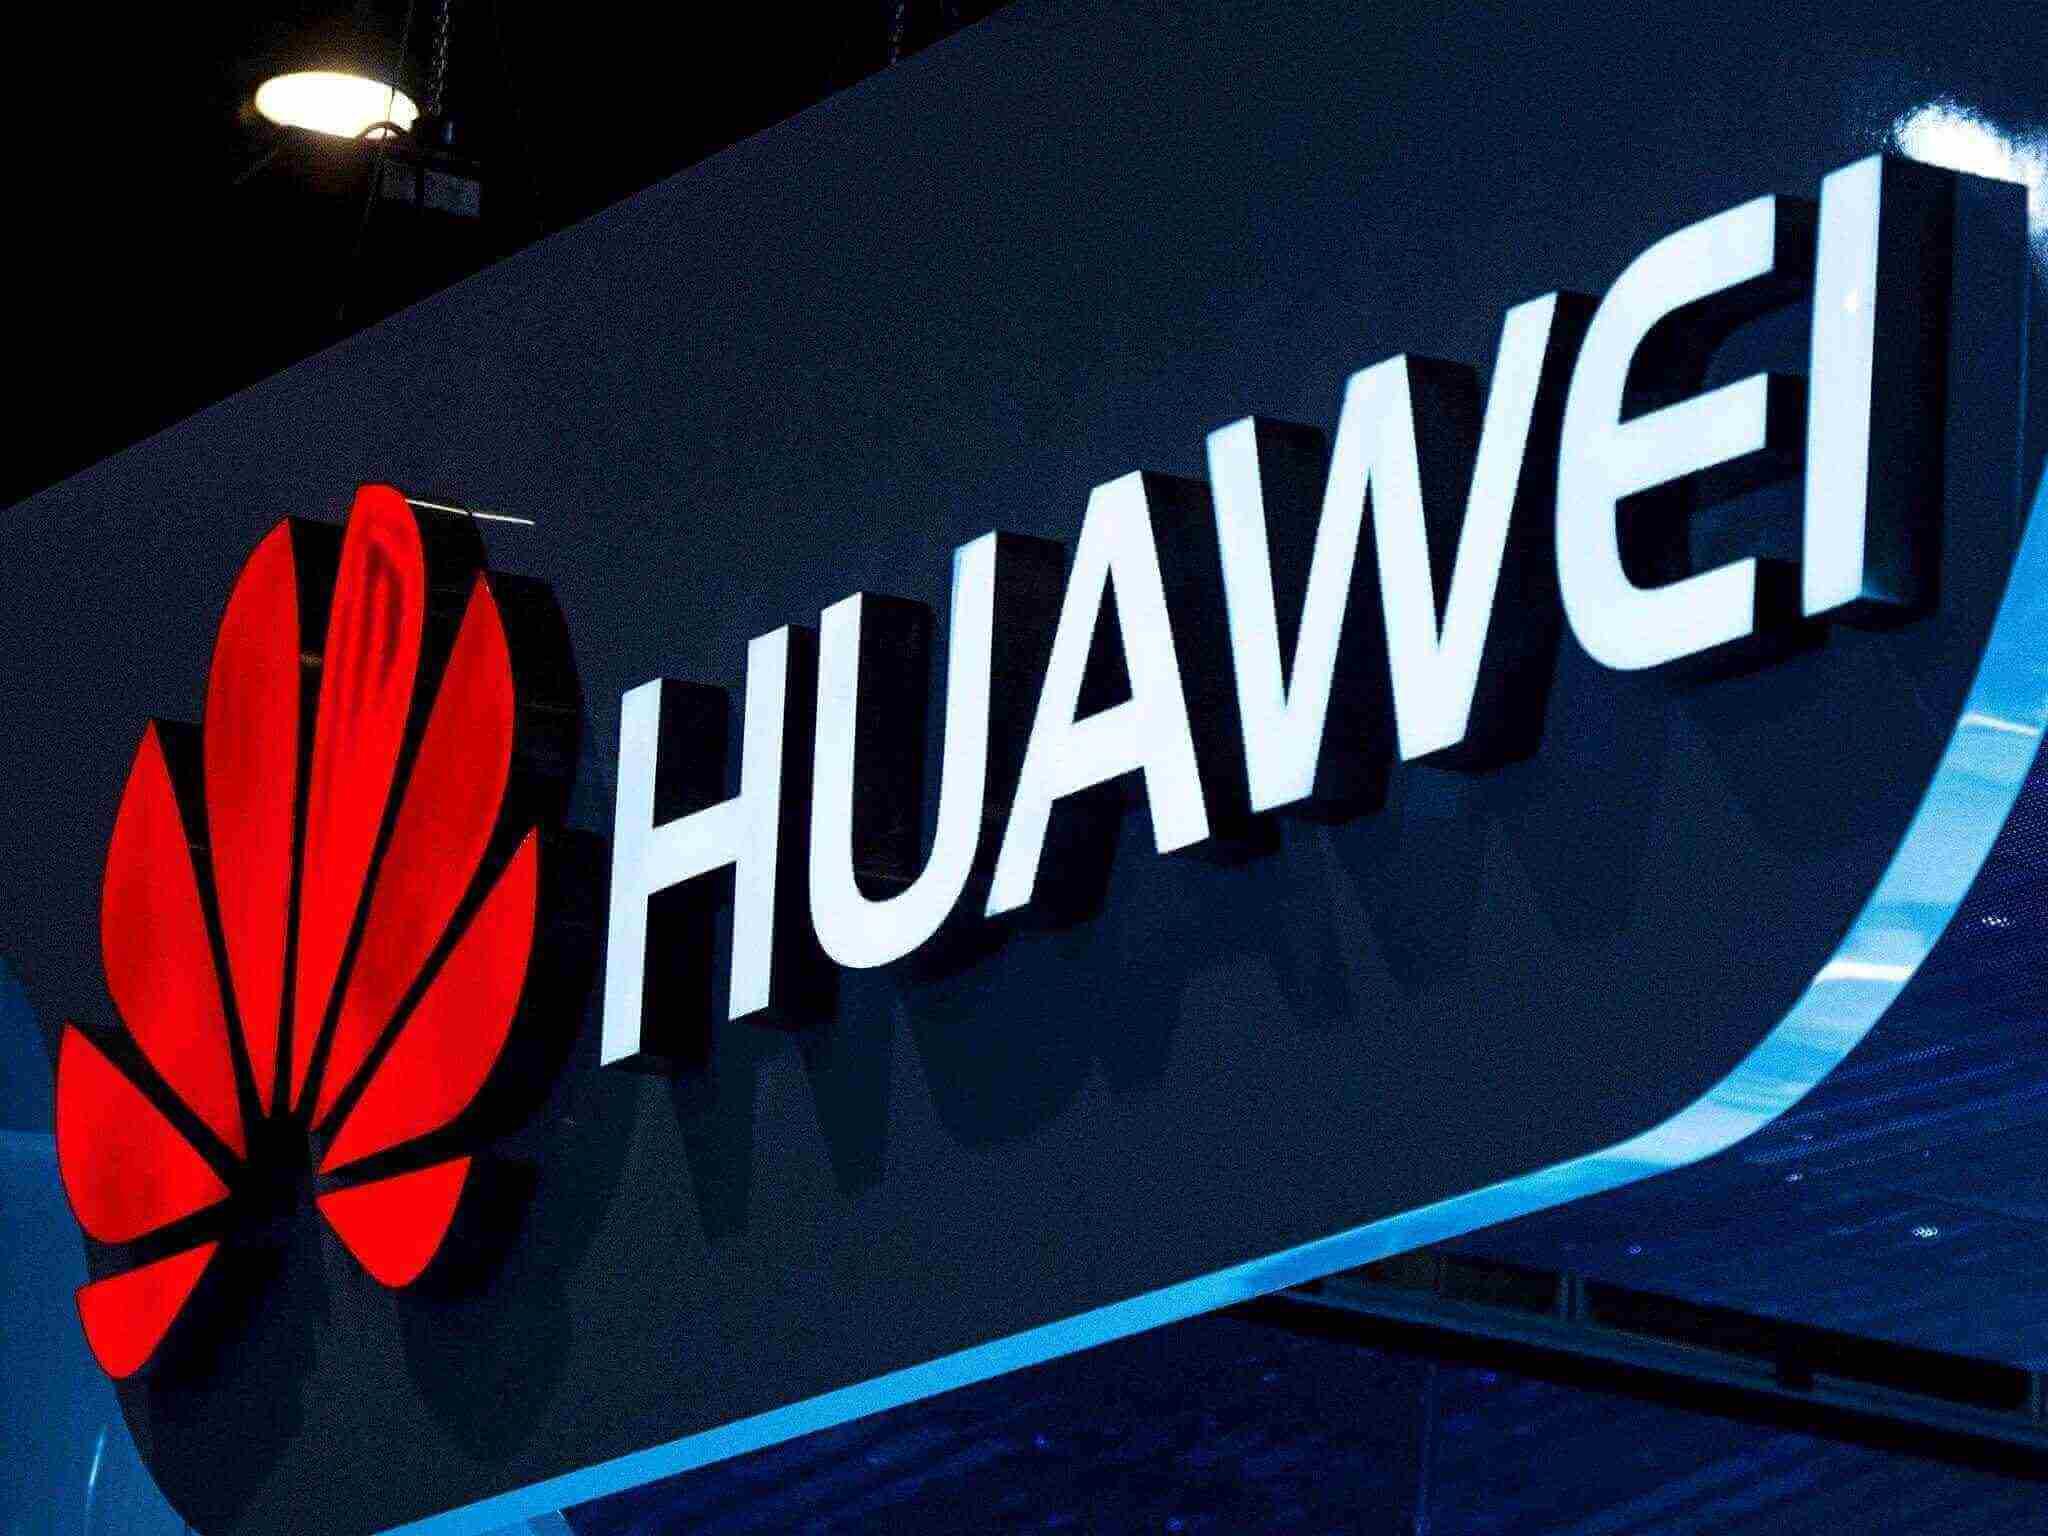 Huawei Security